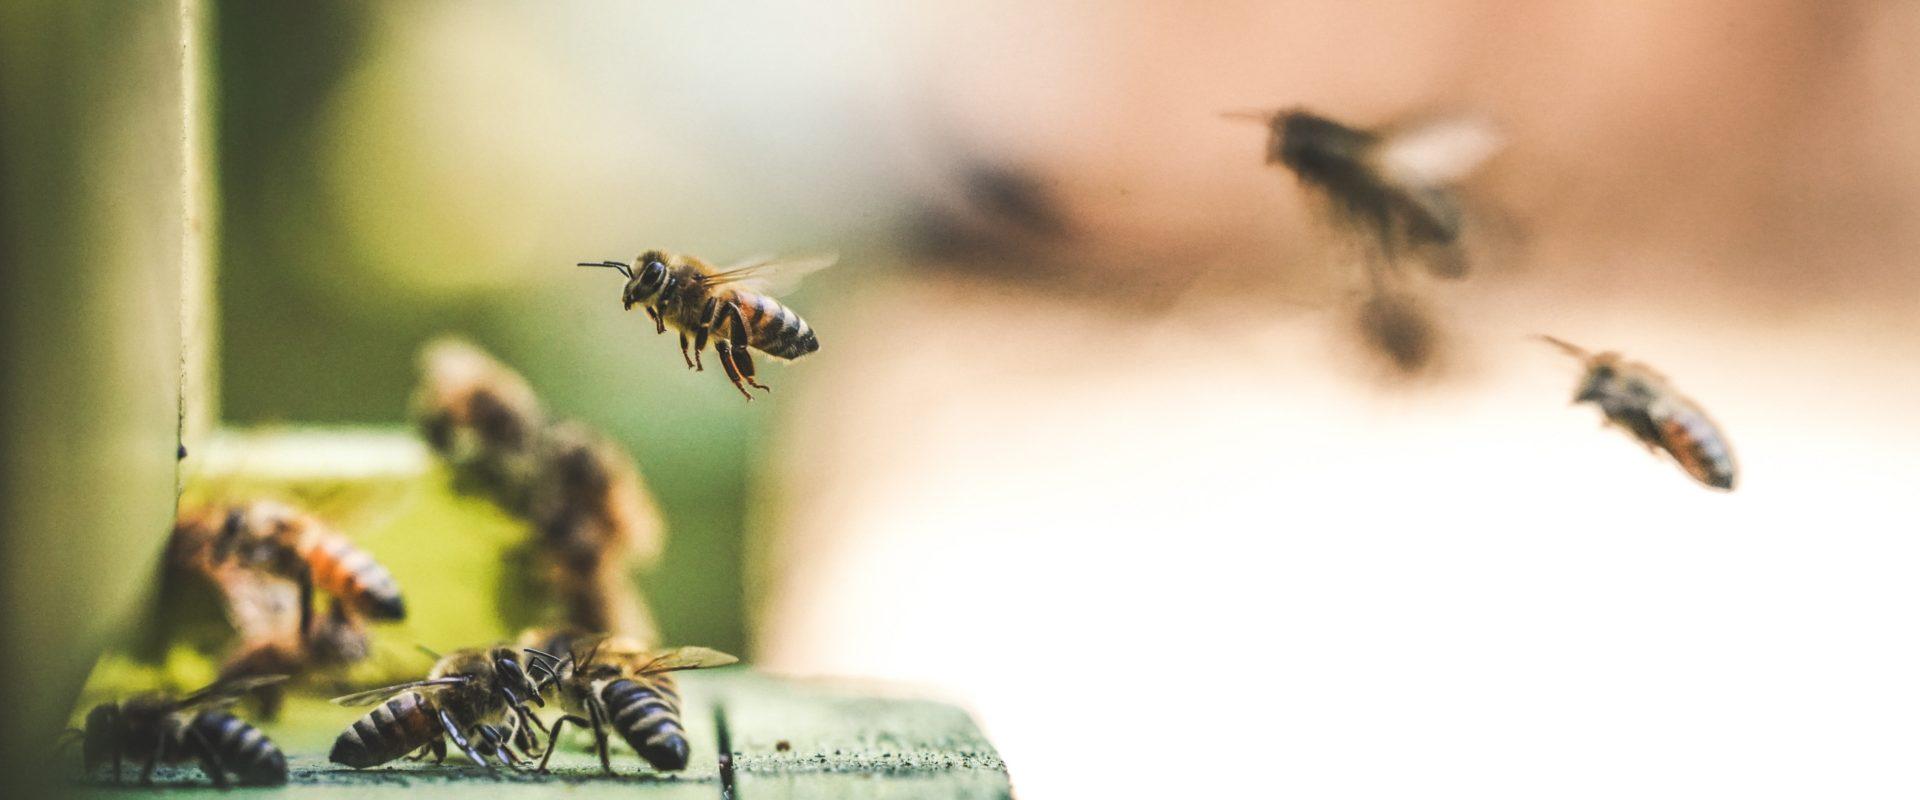 1920x1080 Honigbiene allgemein